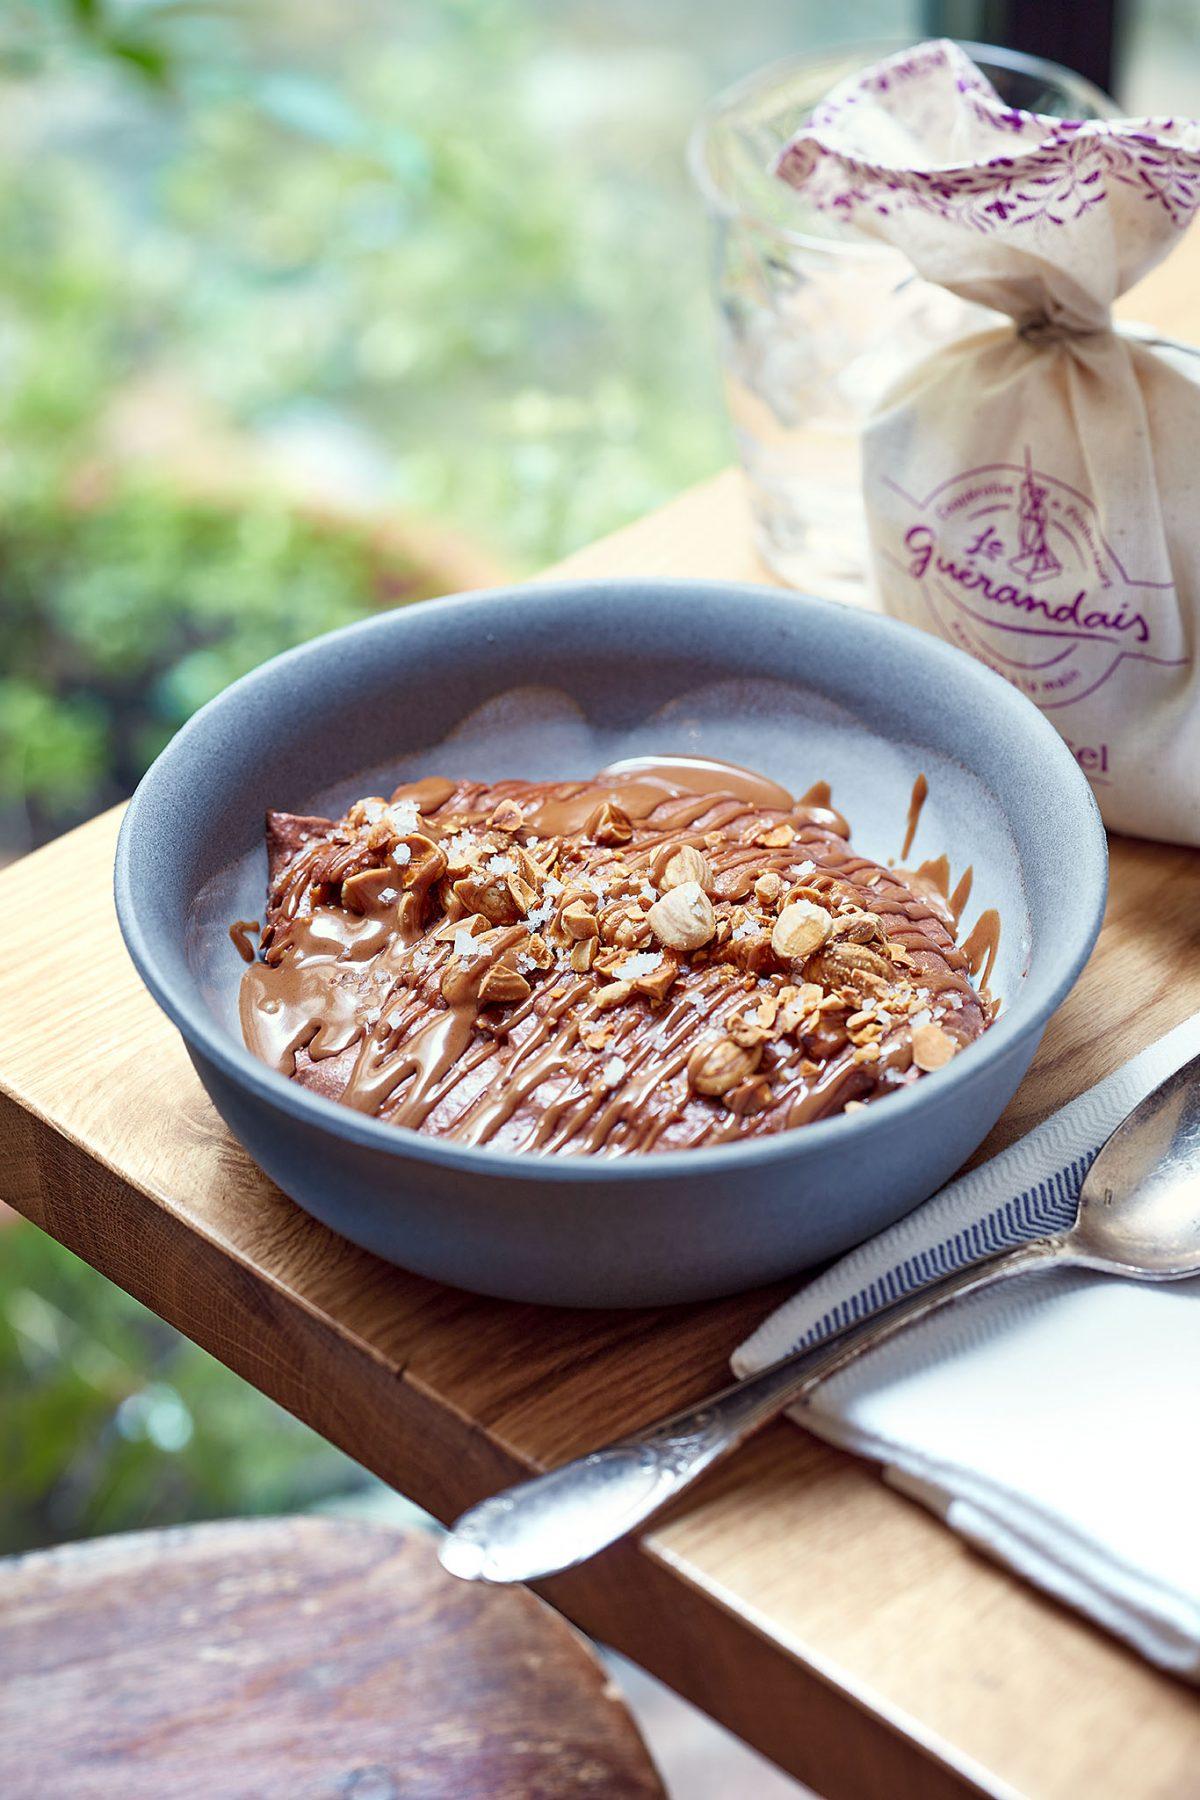 mousse au chocolat Amandine Chaignot